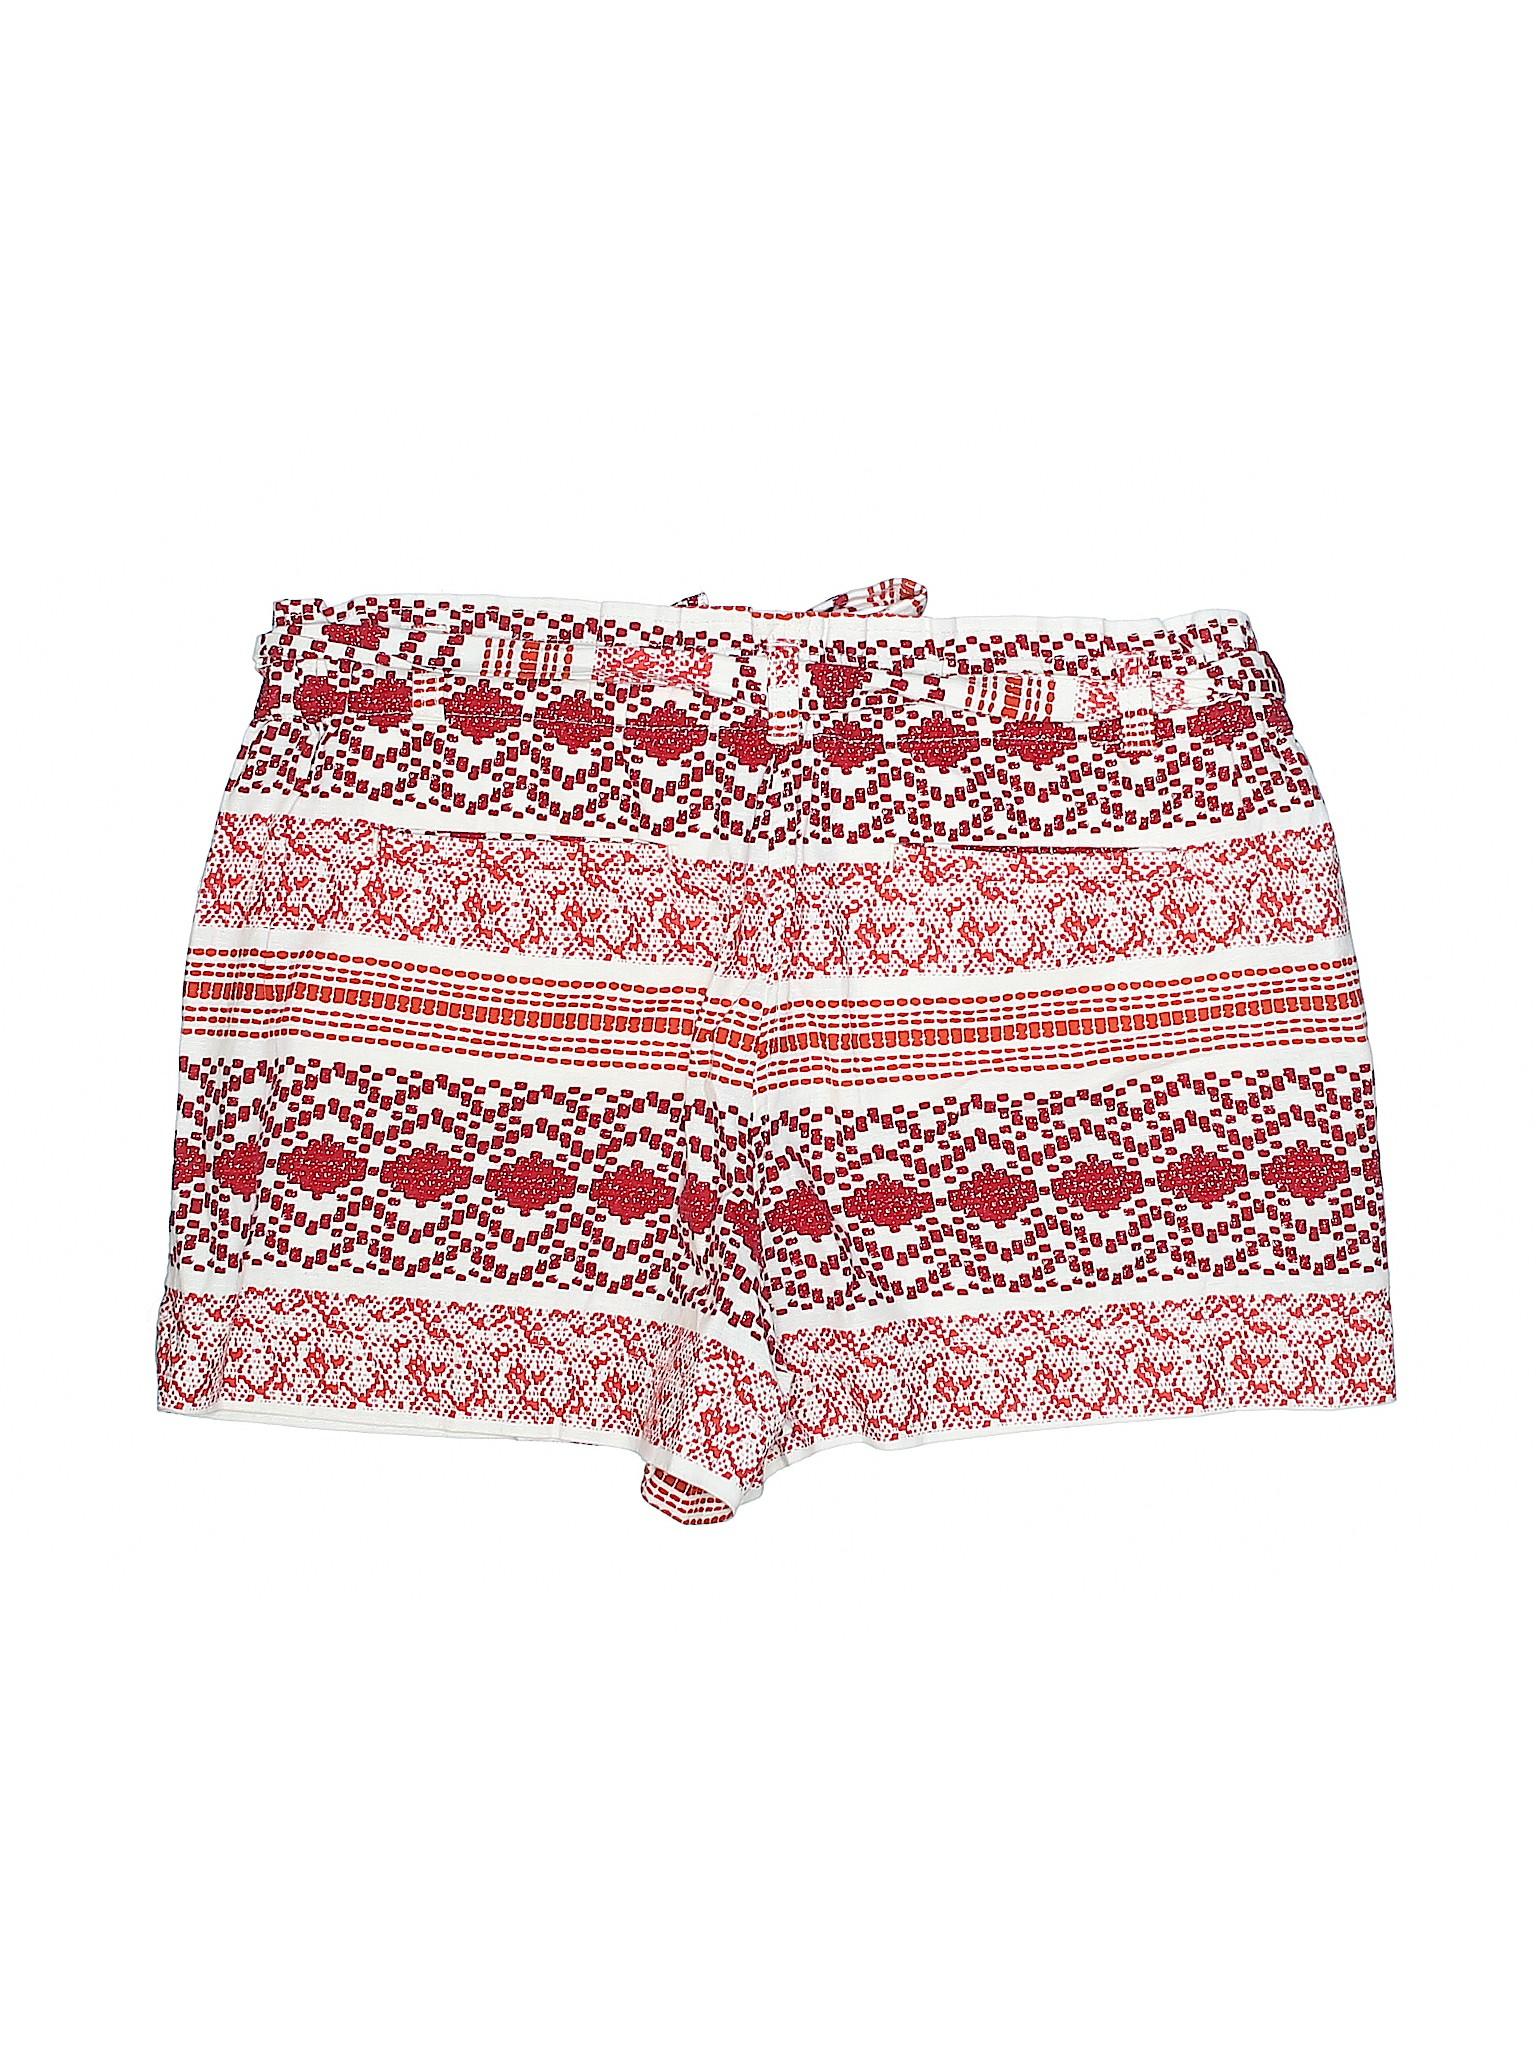 leisure Ann LOFT Shorts Boutique Taylor ZxwzCnqd